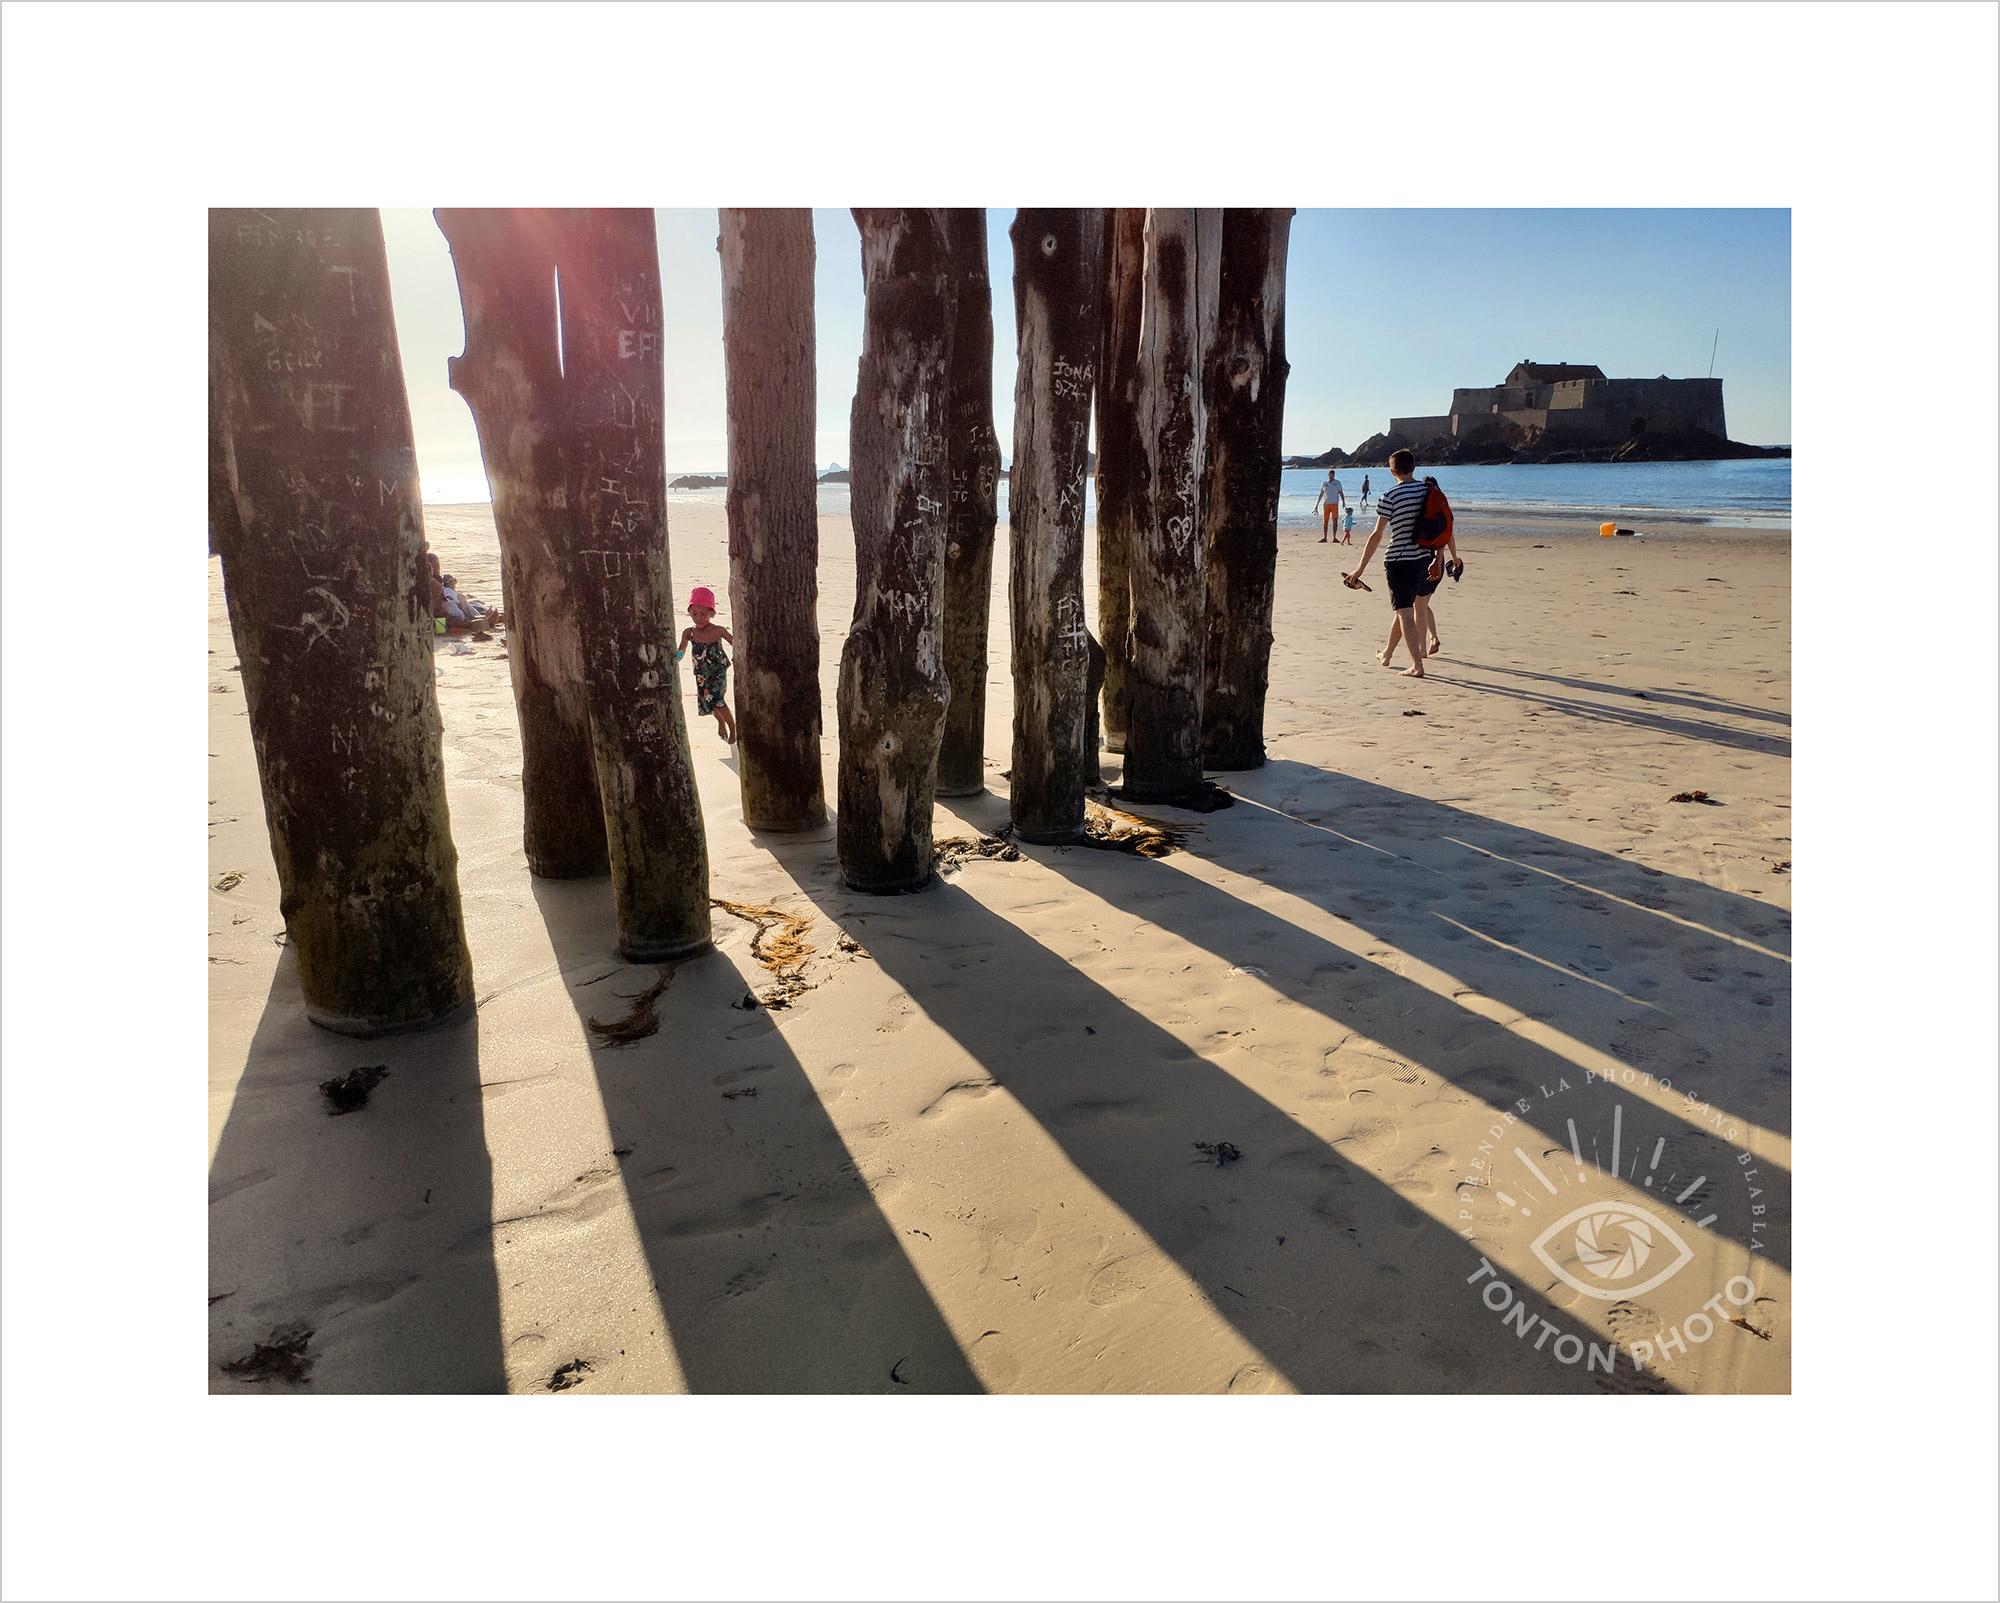 Jeu d'ombre et lumière en fin de journée sur les brise-lames d'une plage de Saint-Malo. Notez que, pour soigner ma composition, j'ai bien attendu que l'enfant passe entre les pieux. Photo prise au smartphone Xiaomi Mi Mix 3 © Tonton Photo